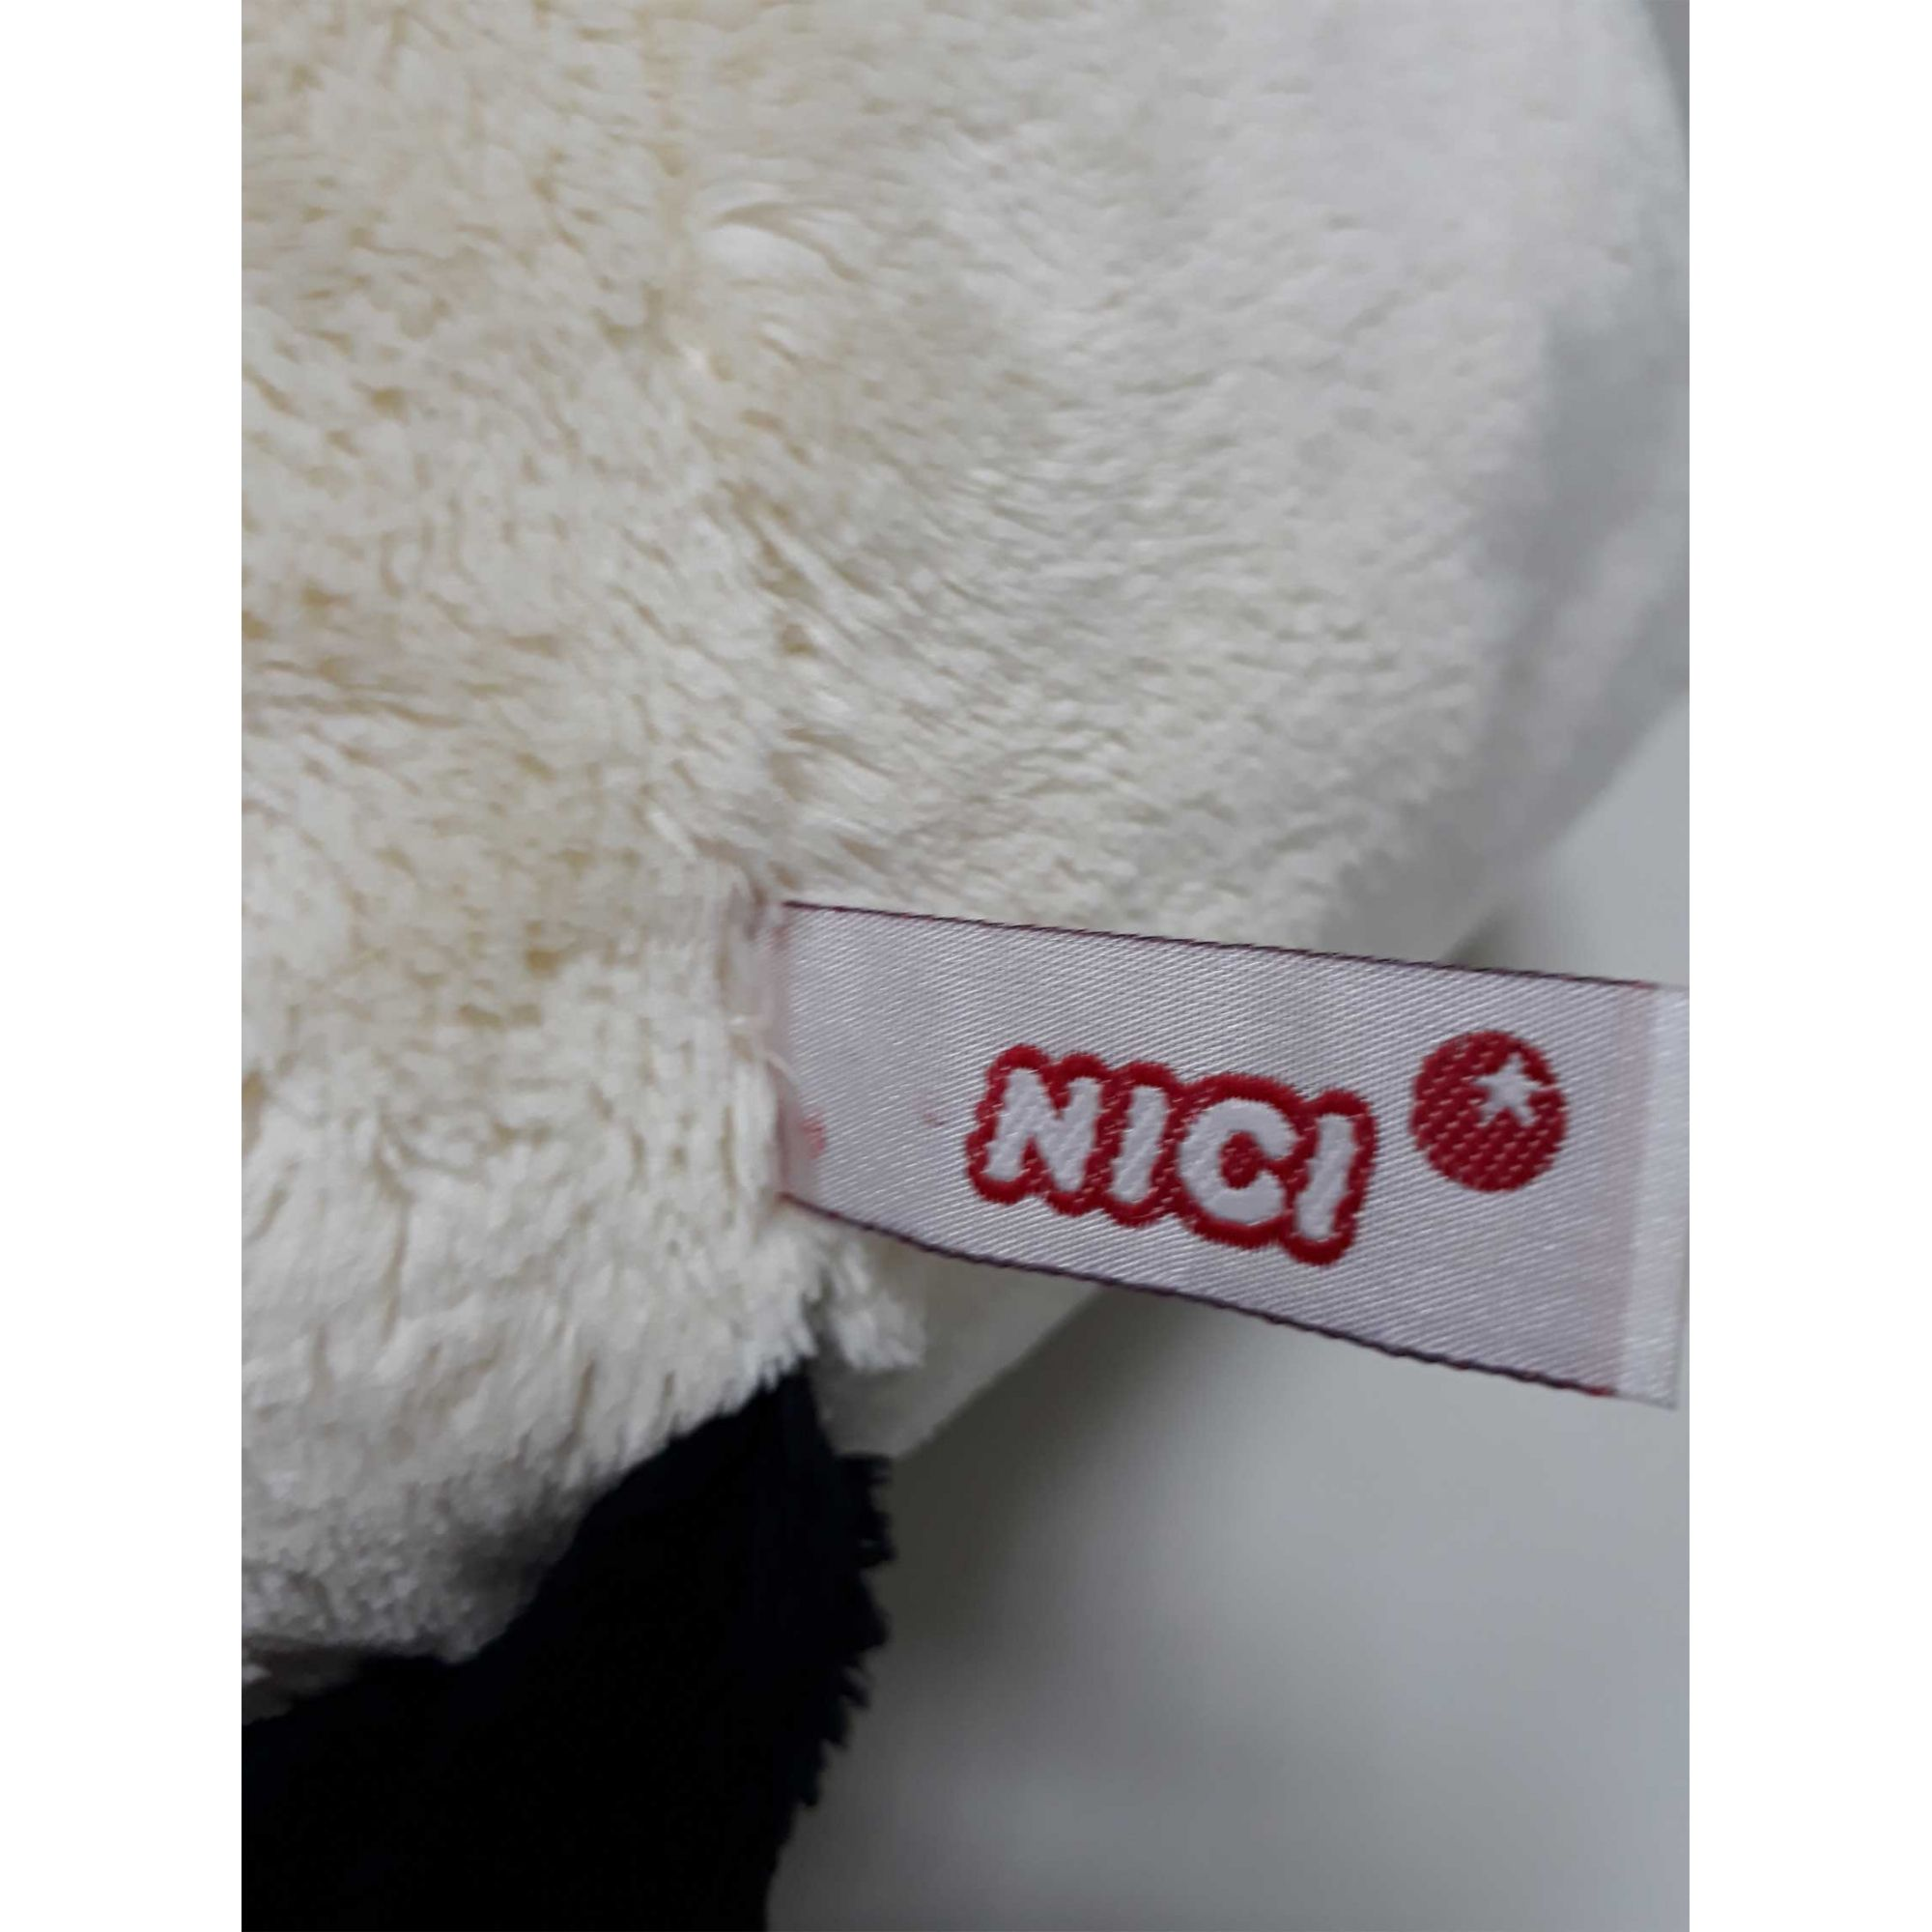 Urso de Pelúcia Panda Nici 20cm - Ursinho Naninha Deitado pequeno para decoração quarto bebê neném presente namorado artesanato enfeite festas eventos